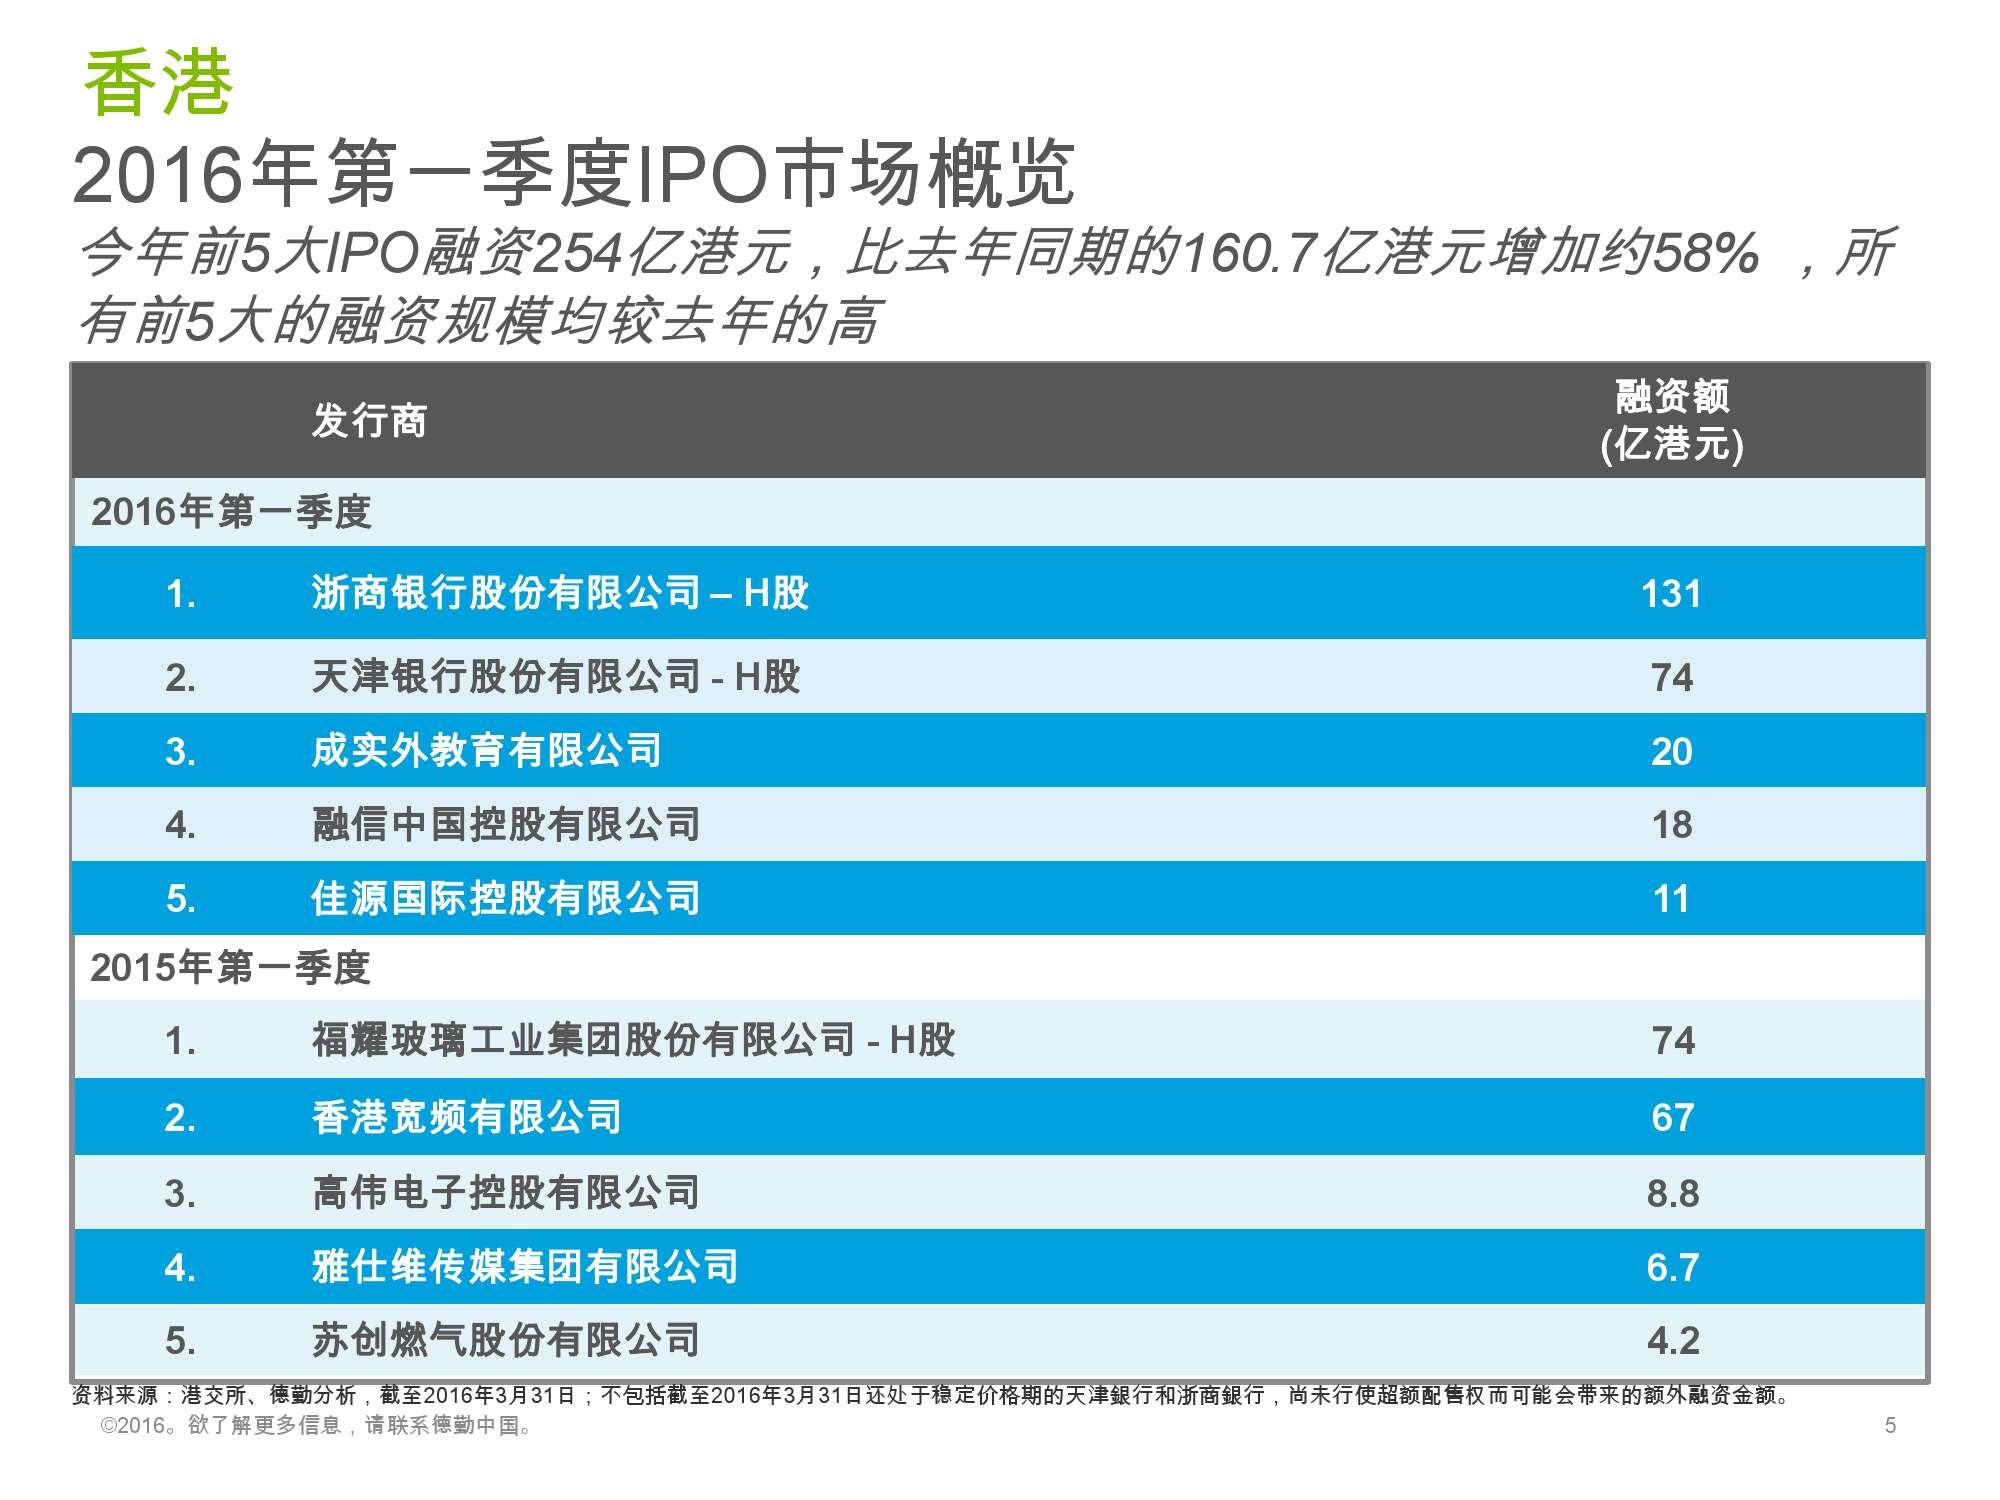 香港及中国大陆IPO市场2016年1季度_000005